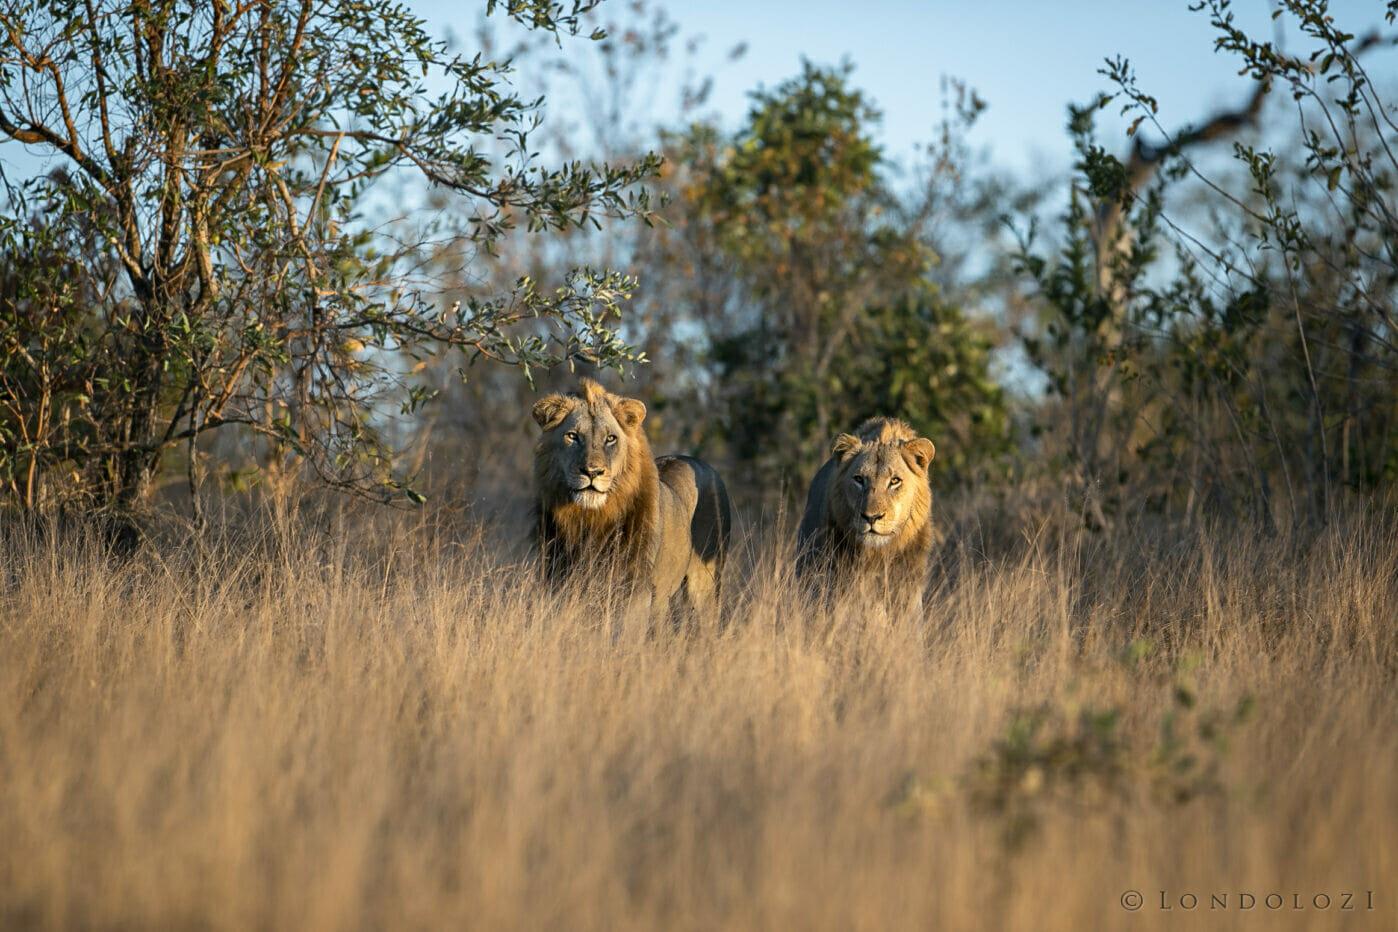 Sdz Plains Camp Male Lion golden light approach